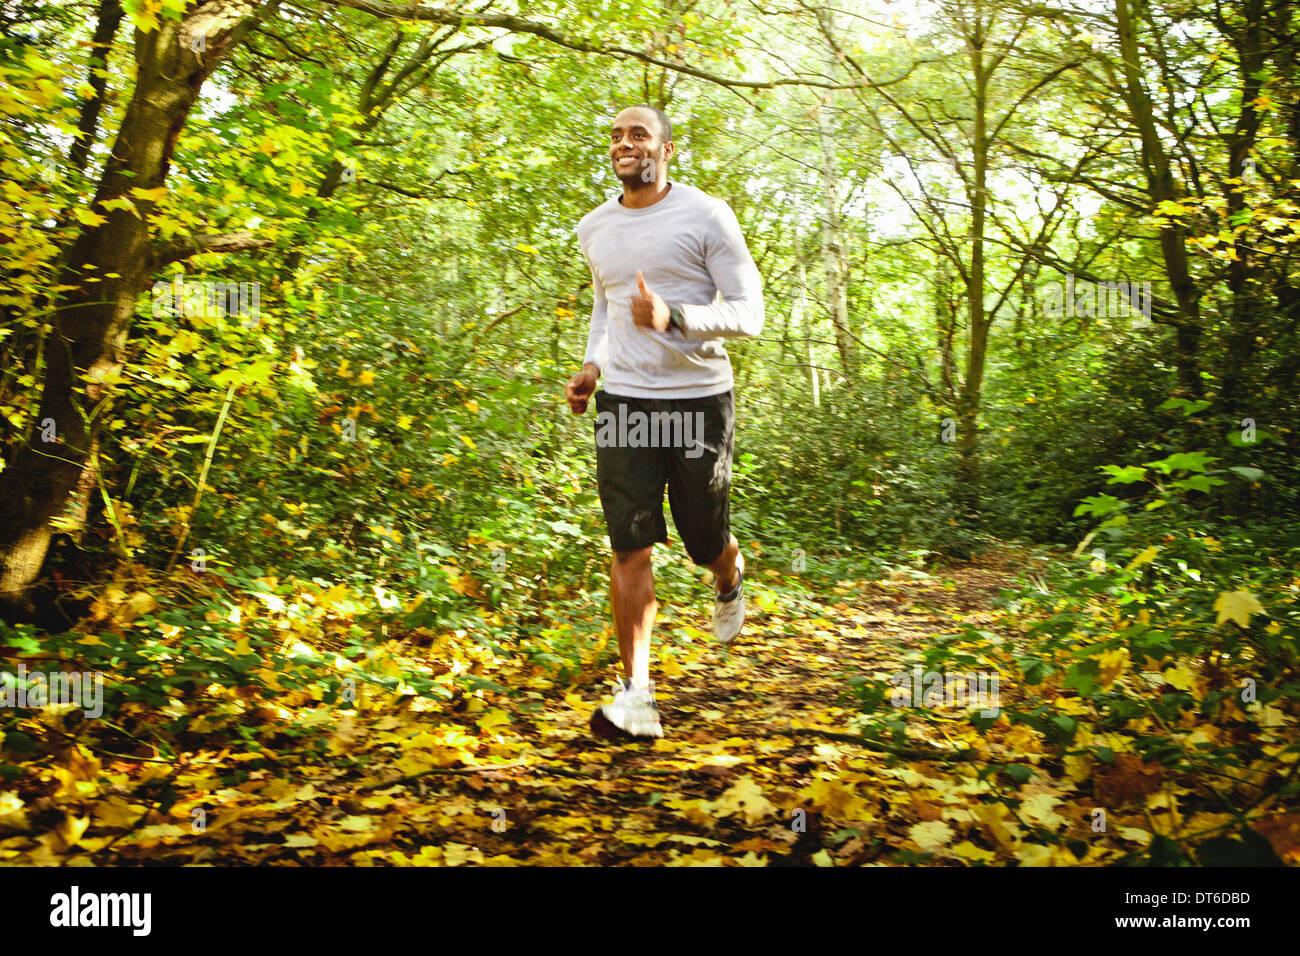 L'uomo jogging nei boschi Immagini Stock